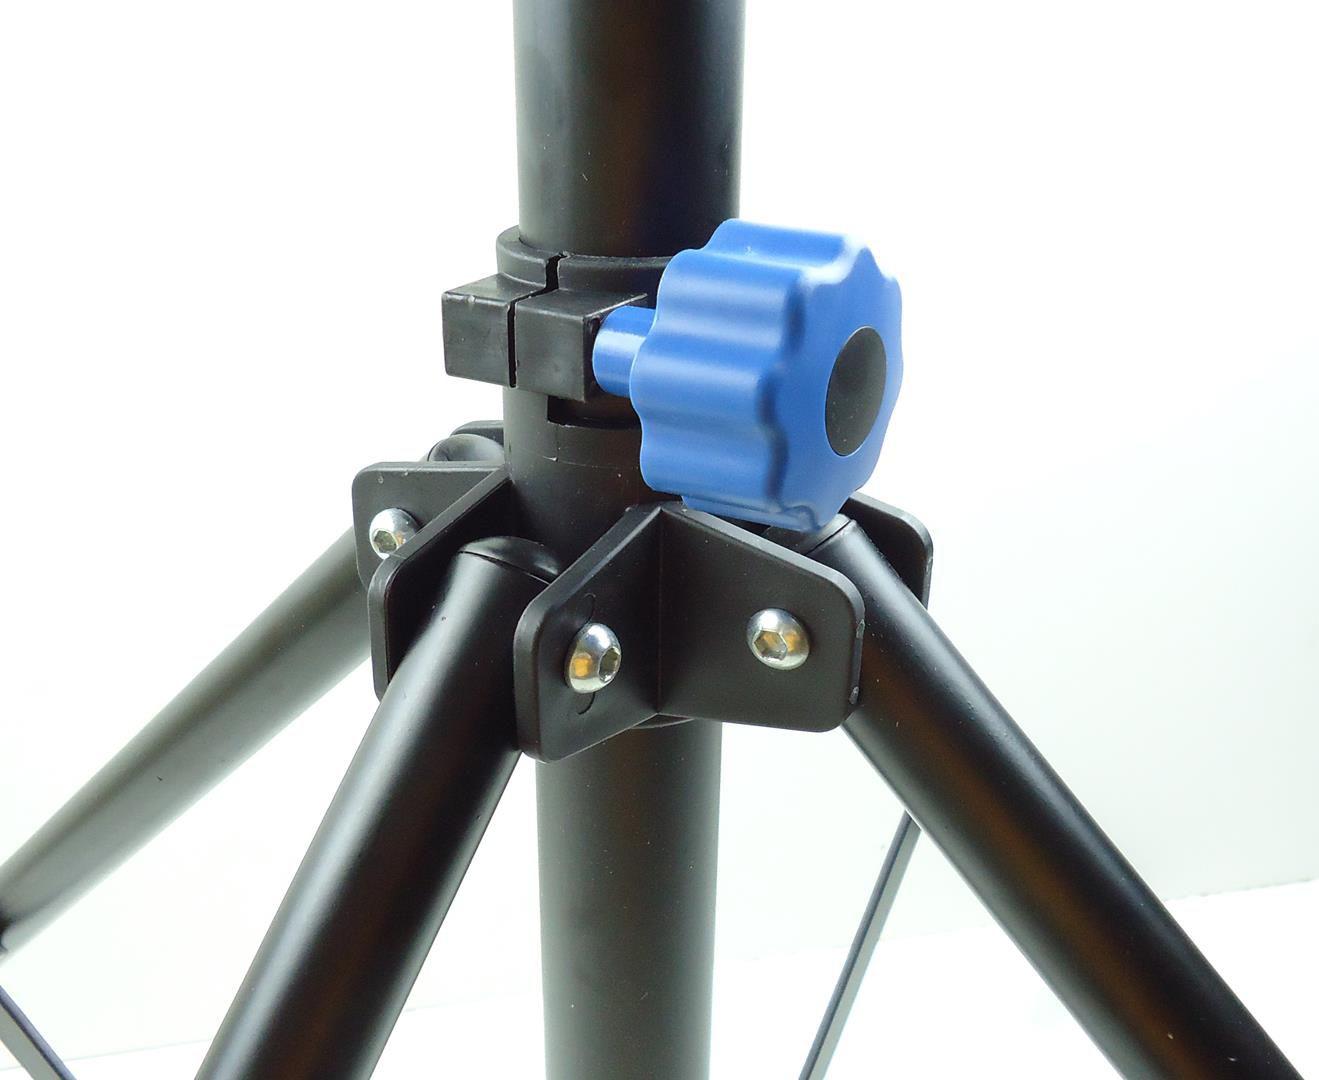 Suporte Cavalete para Manutenção de Bicicletas Portátil com Bandeja para Ferramentas